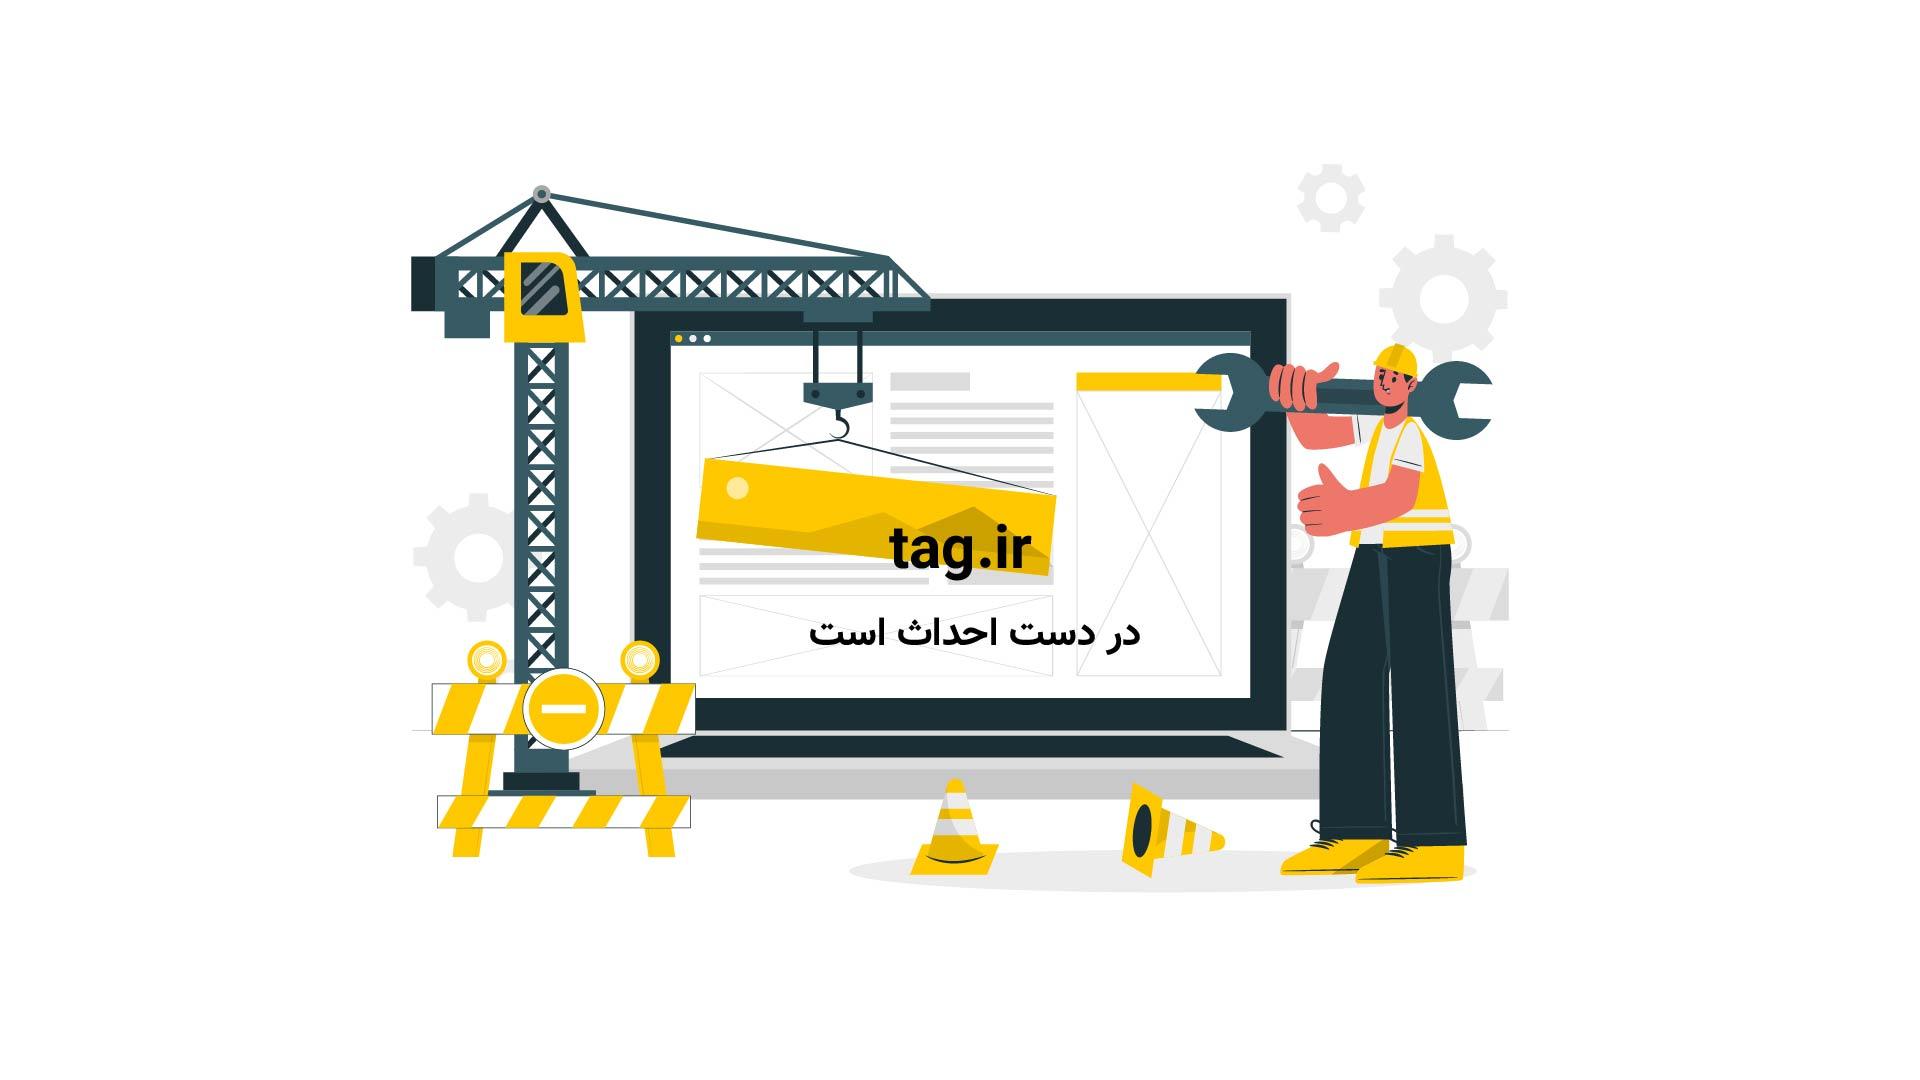 راننده گارگر پمپ بنزین را زیر گرفت و فرار کرد | فیلم